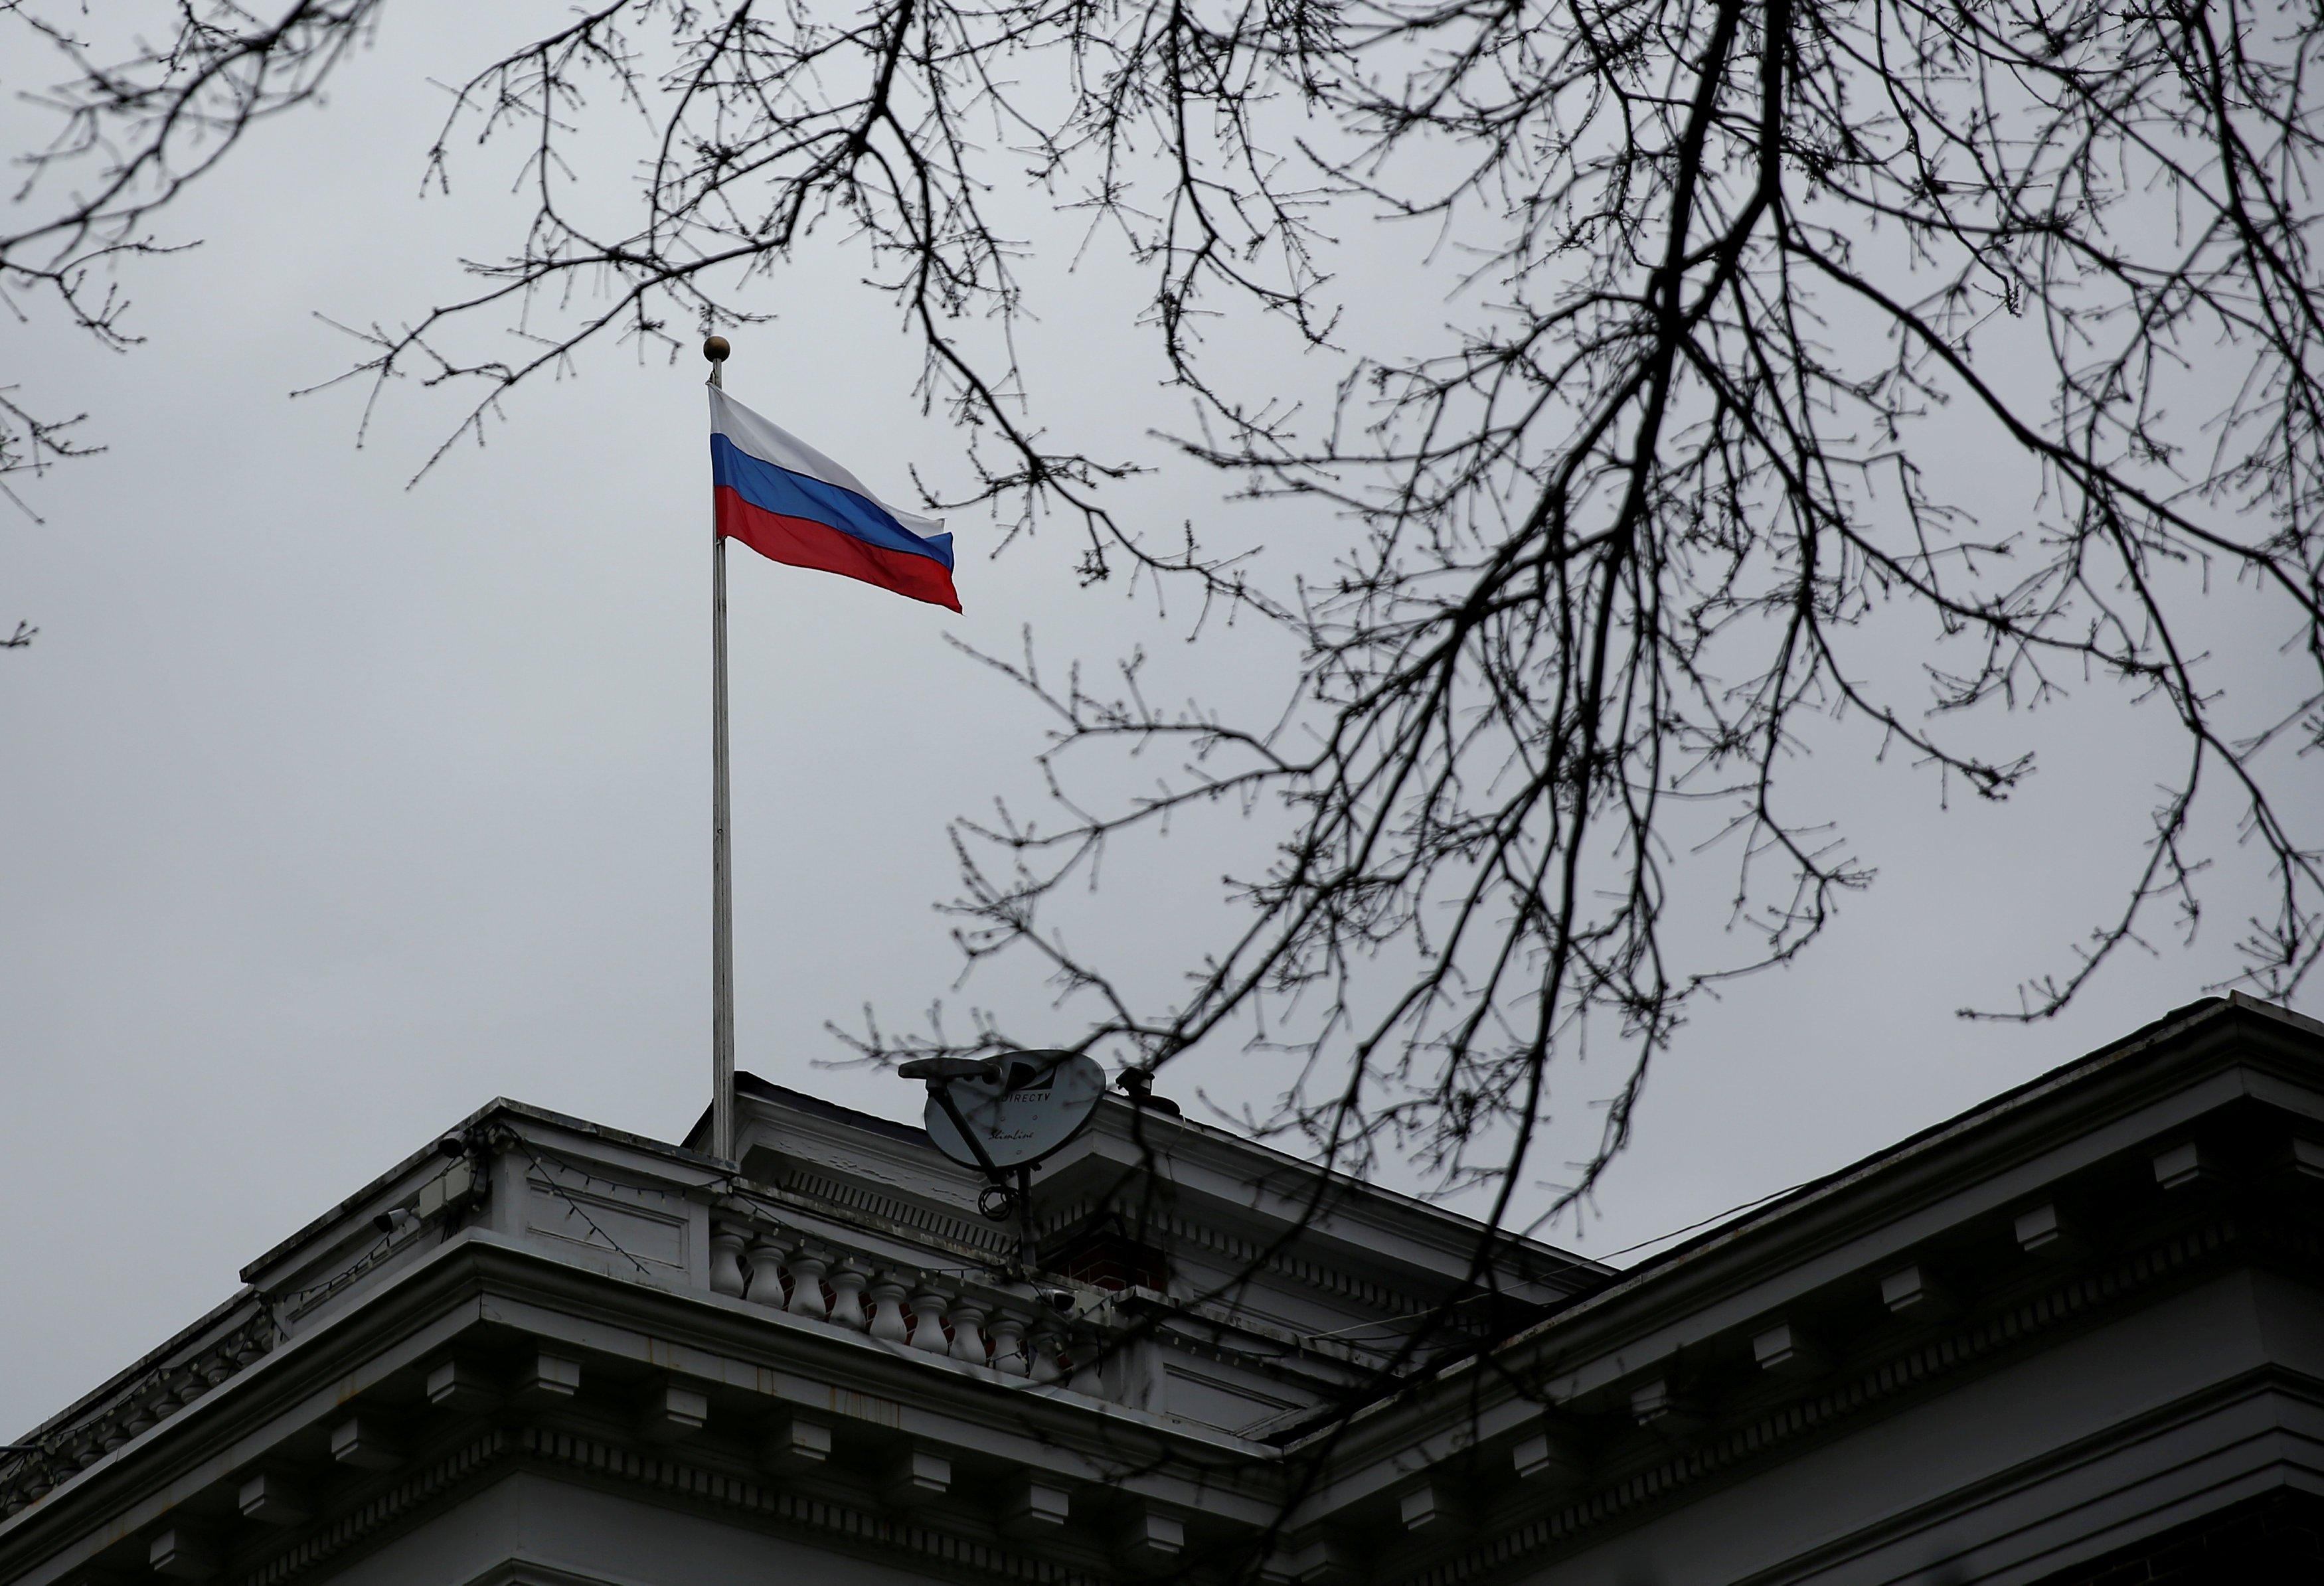 Журналист сообщил, что Россия заражена вирусом шовинизма и реваншизма